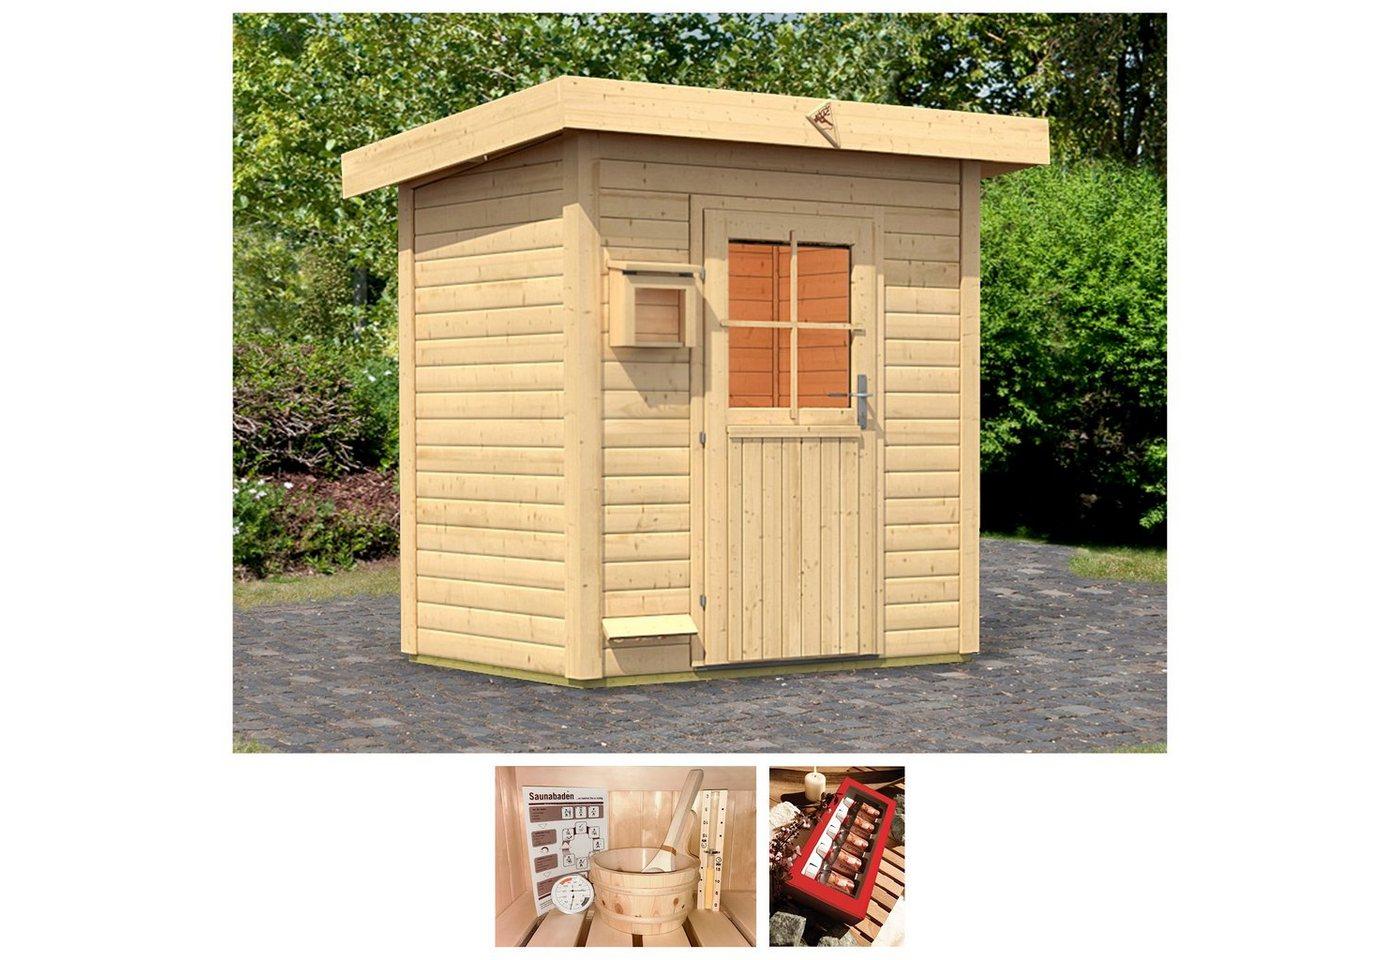 KARIBU Saunahaus »Wim«, 196x146x228 cm, 38 mm, ohne Ofen | Baumarkt > Bad und Sanitär > Sauna und Zubehör | Karibu